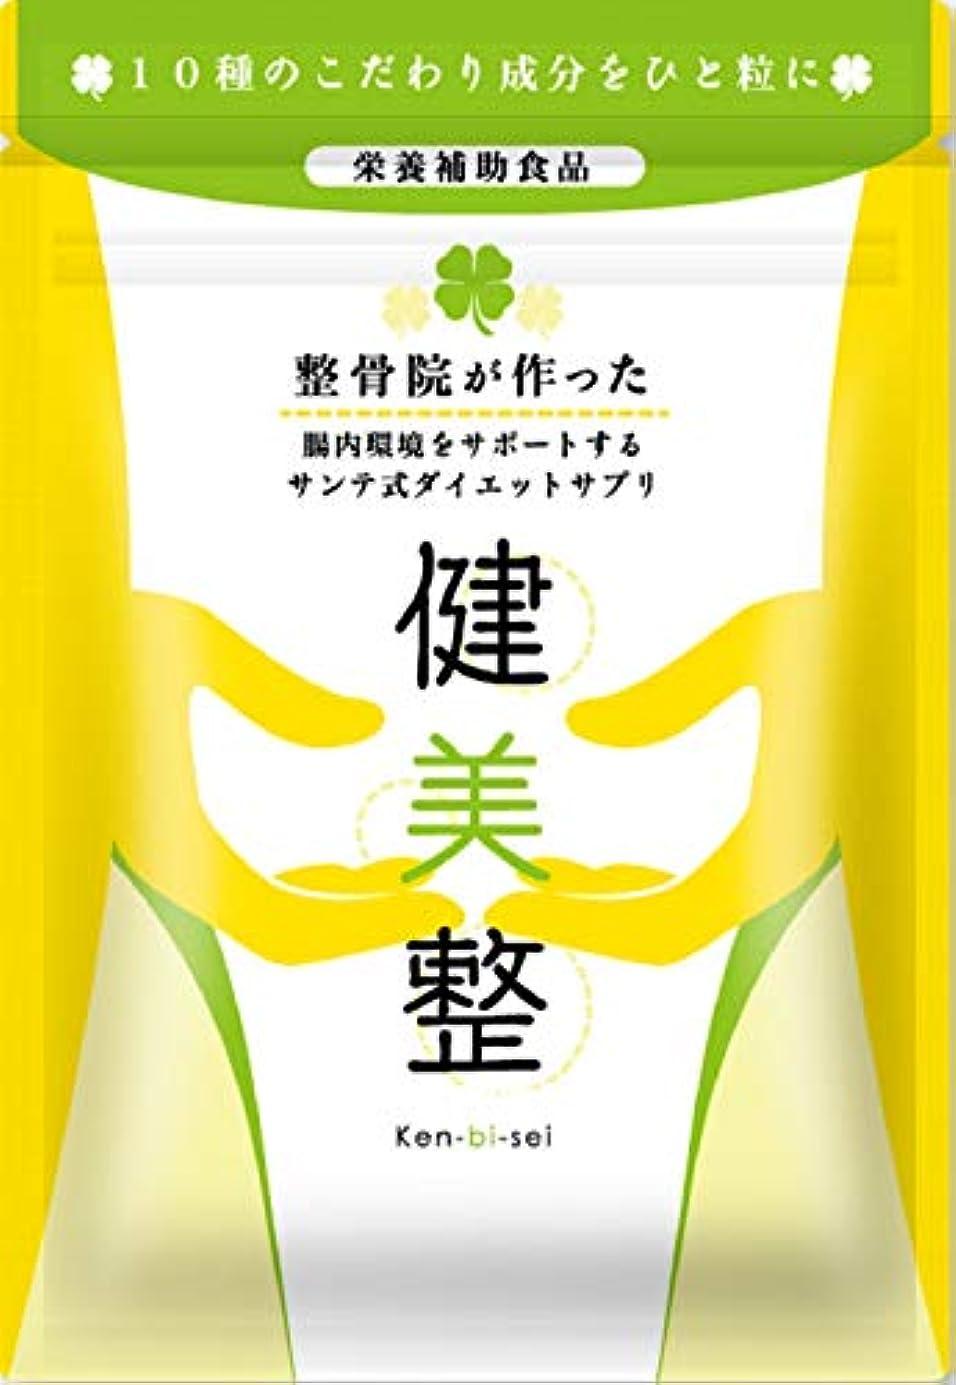 パノラマソーシャル応援するサプリメント ダイエット 酵素 腸内 健美整 人気 腸内環境 60粒1か月分 (1)